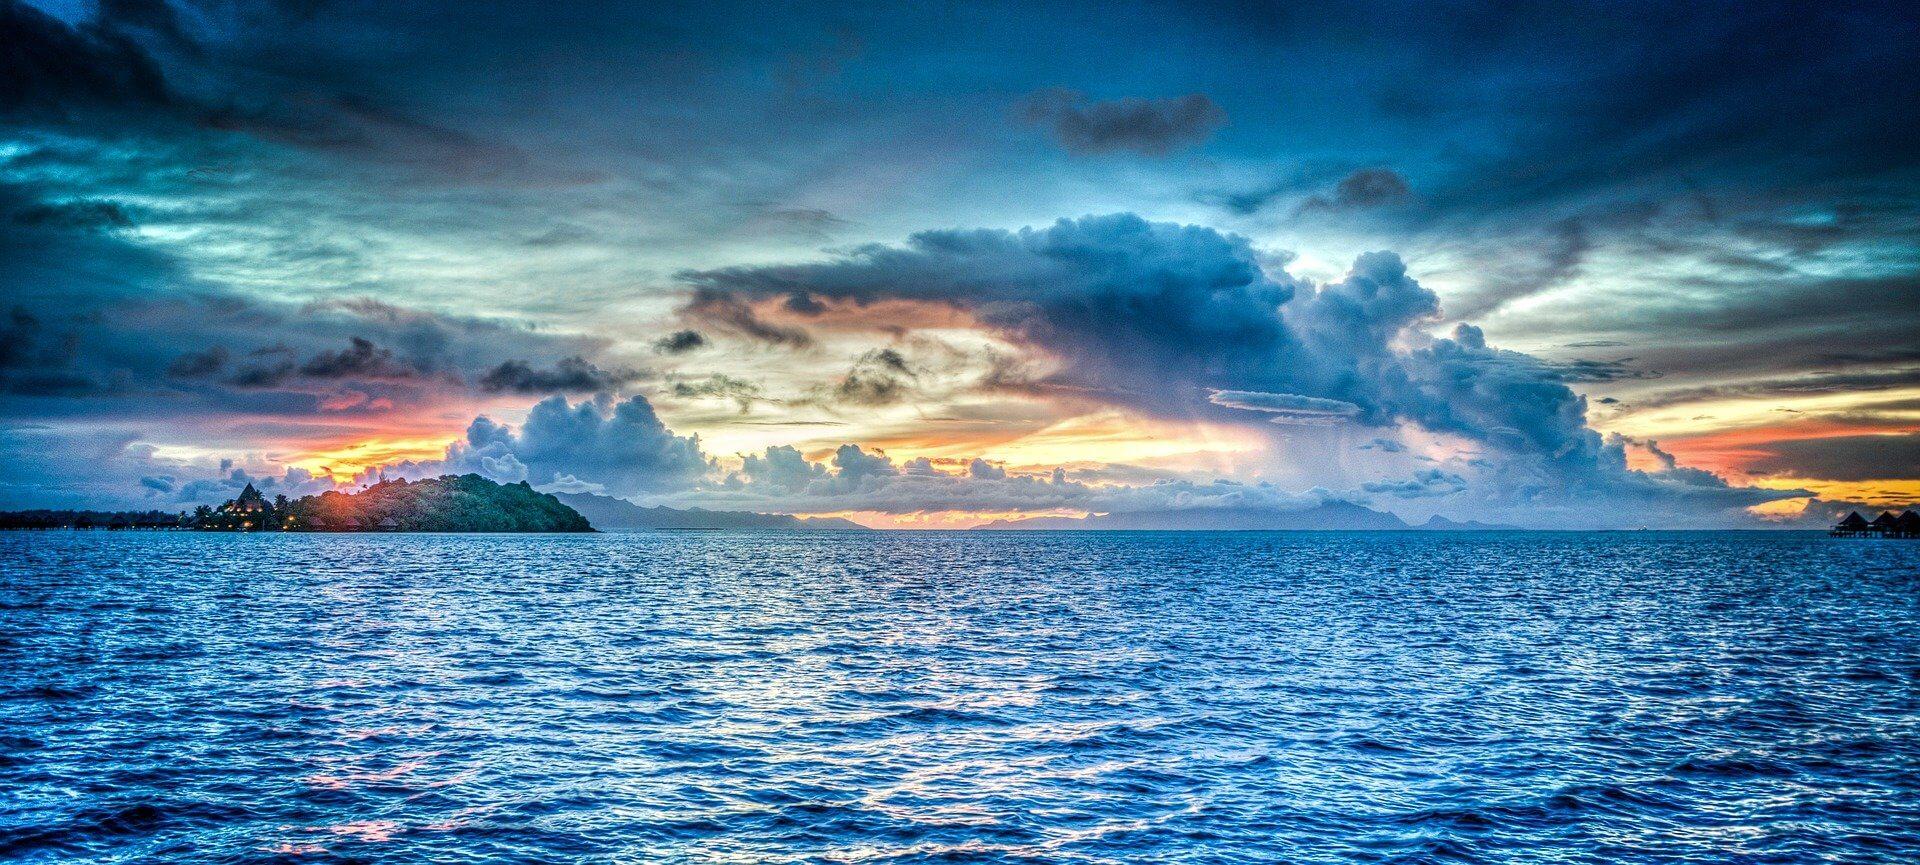 стен выполняется картинки мировой океан занималась плаванием